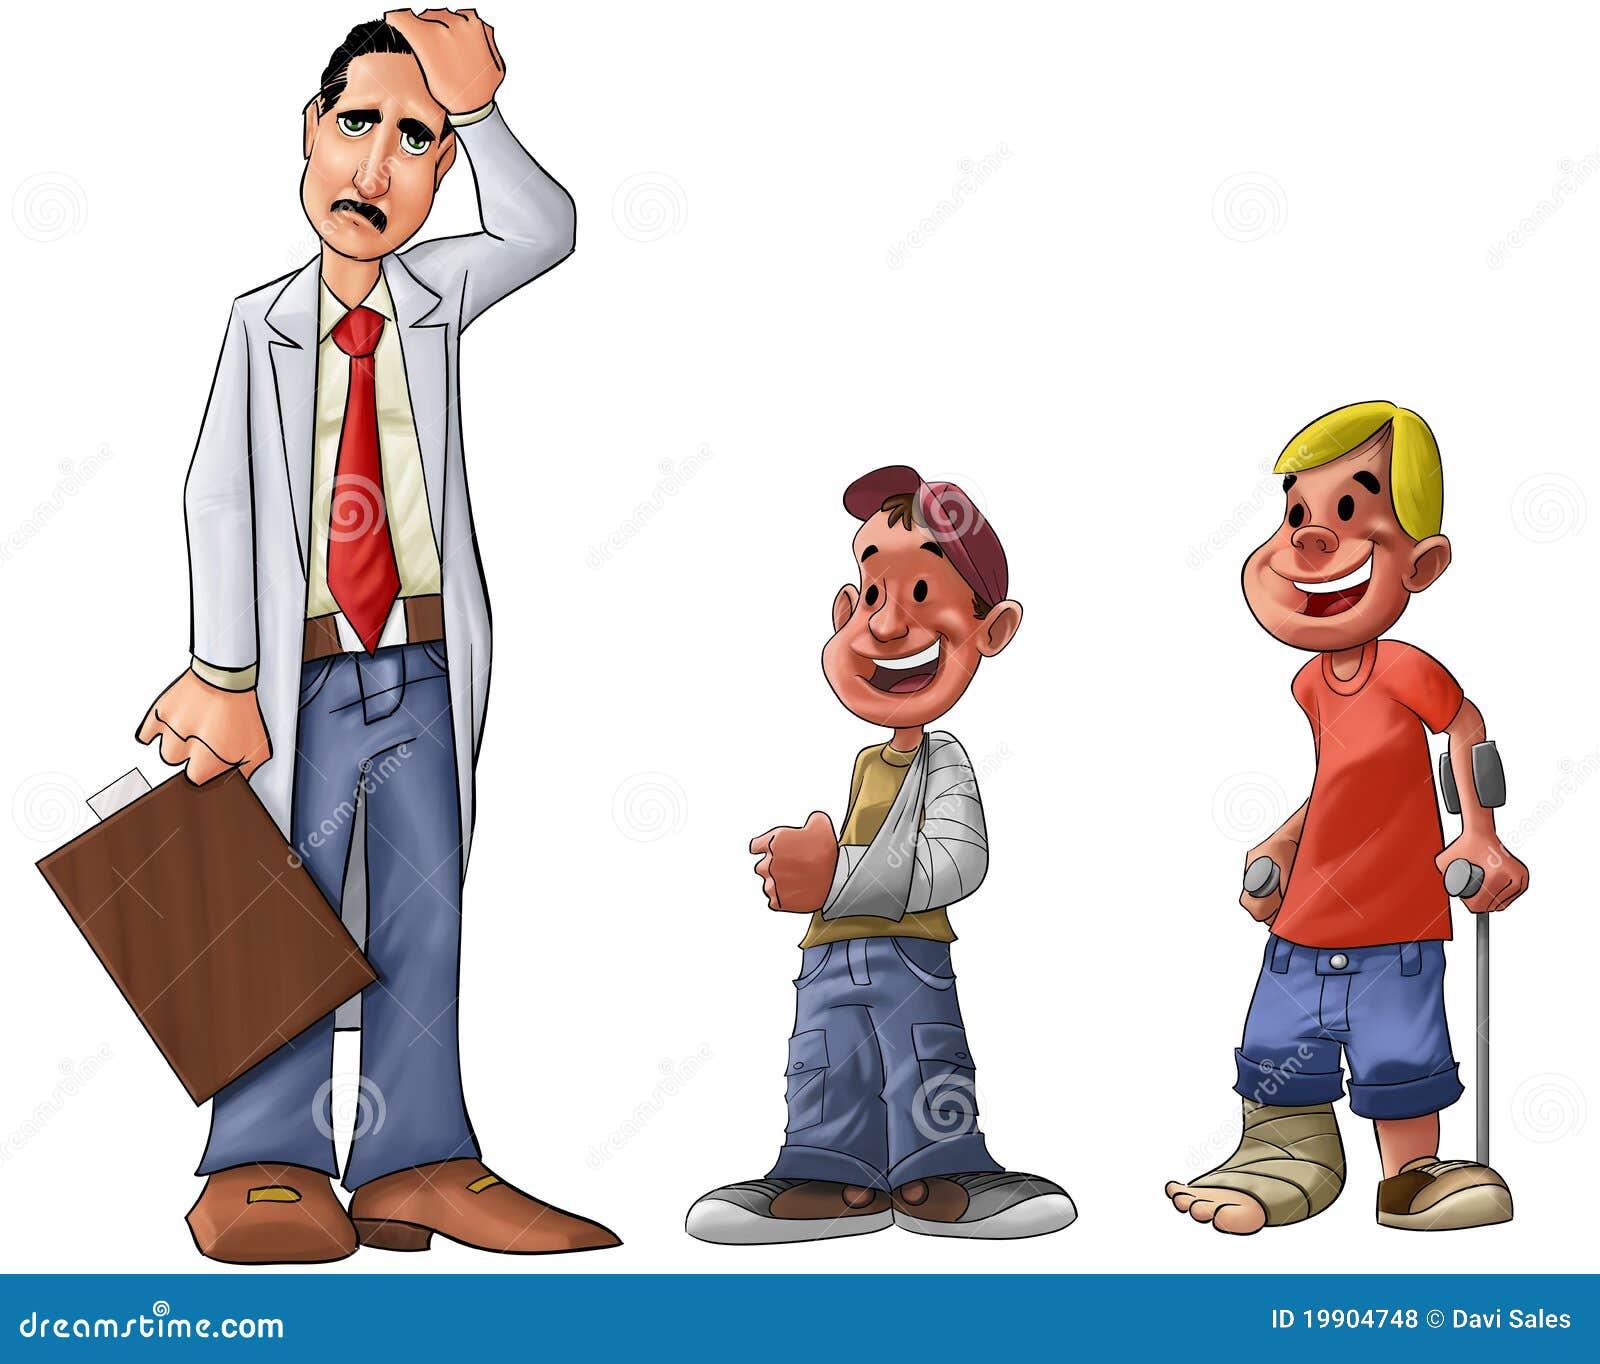 Sad doctor stock illustration. Image of bandage, accident ...